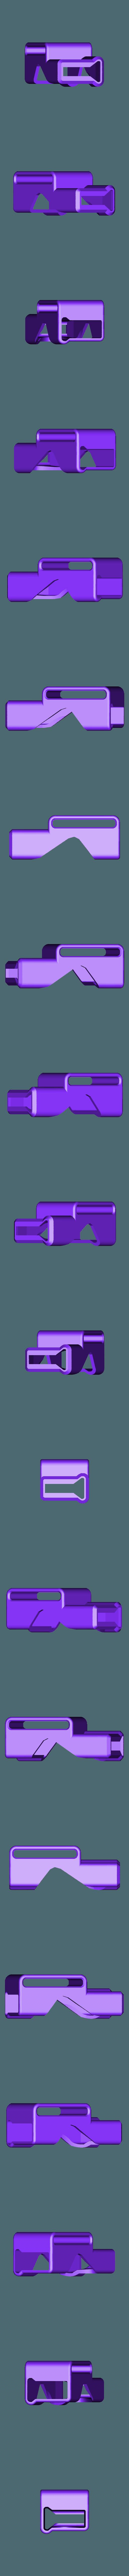 SW_380_Clip_Holster_V2.stl Télécharger fichier STL gratuit Smith & Wesson .380 EZ Clip Holster • Plan à imprimer en 3D, skiidlive